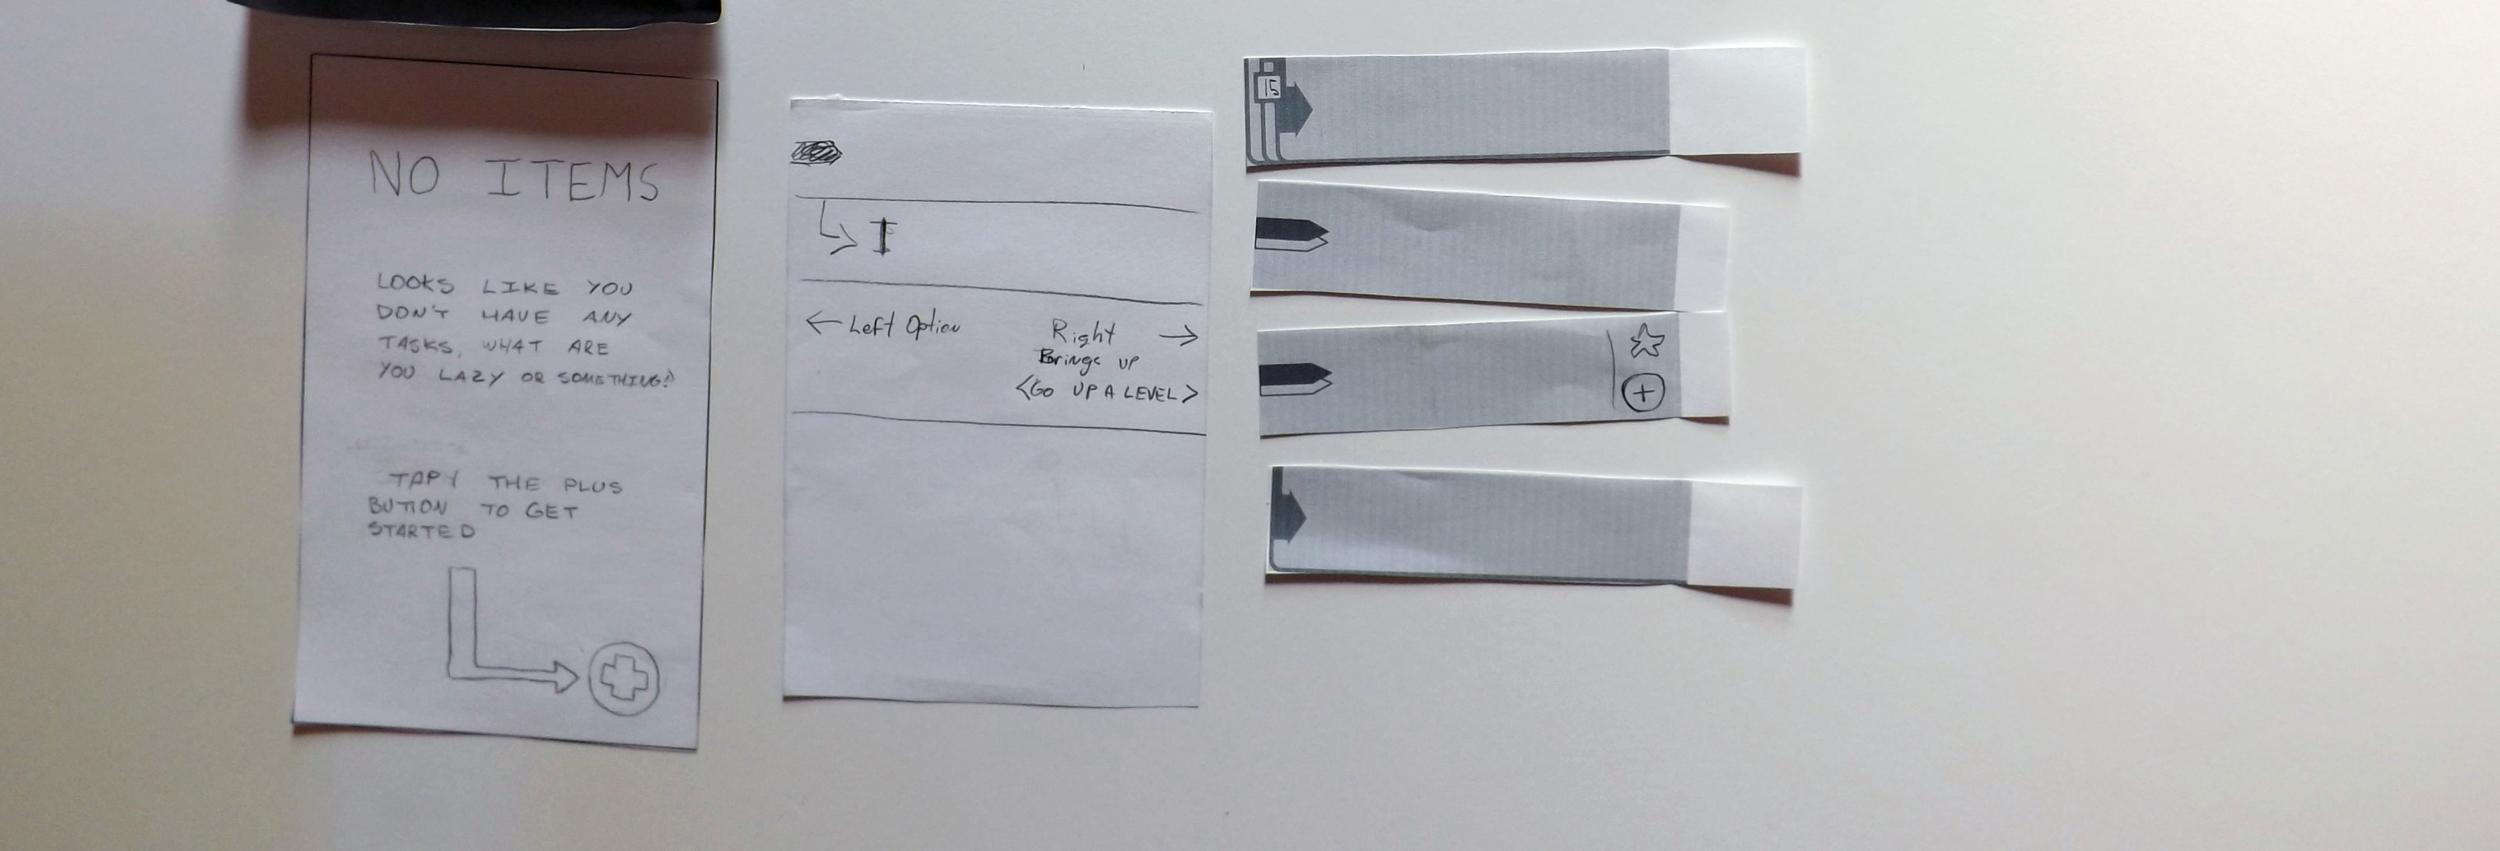 paperPrototype-2.png